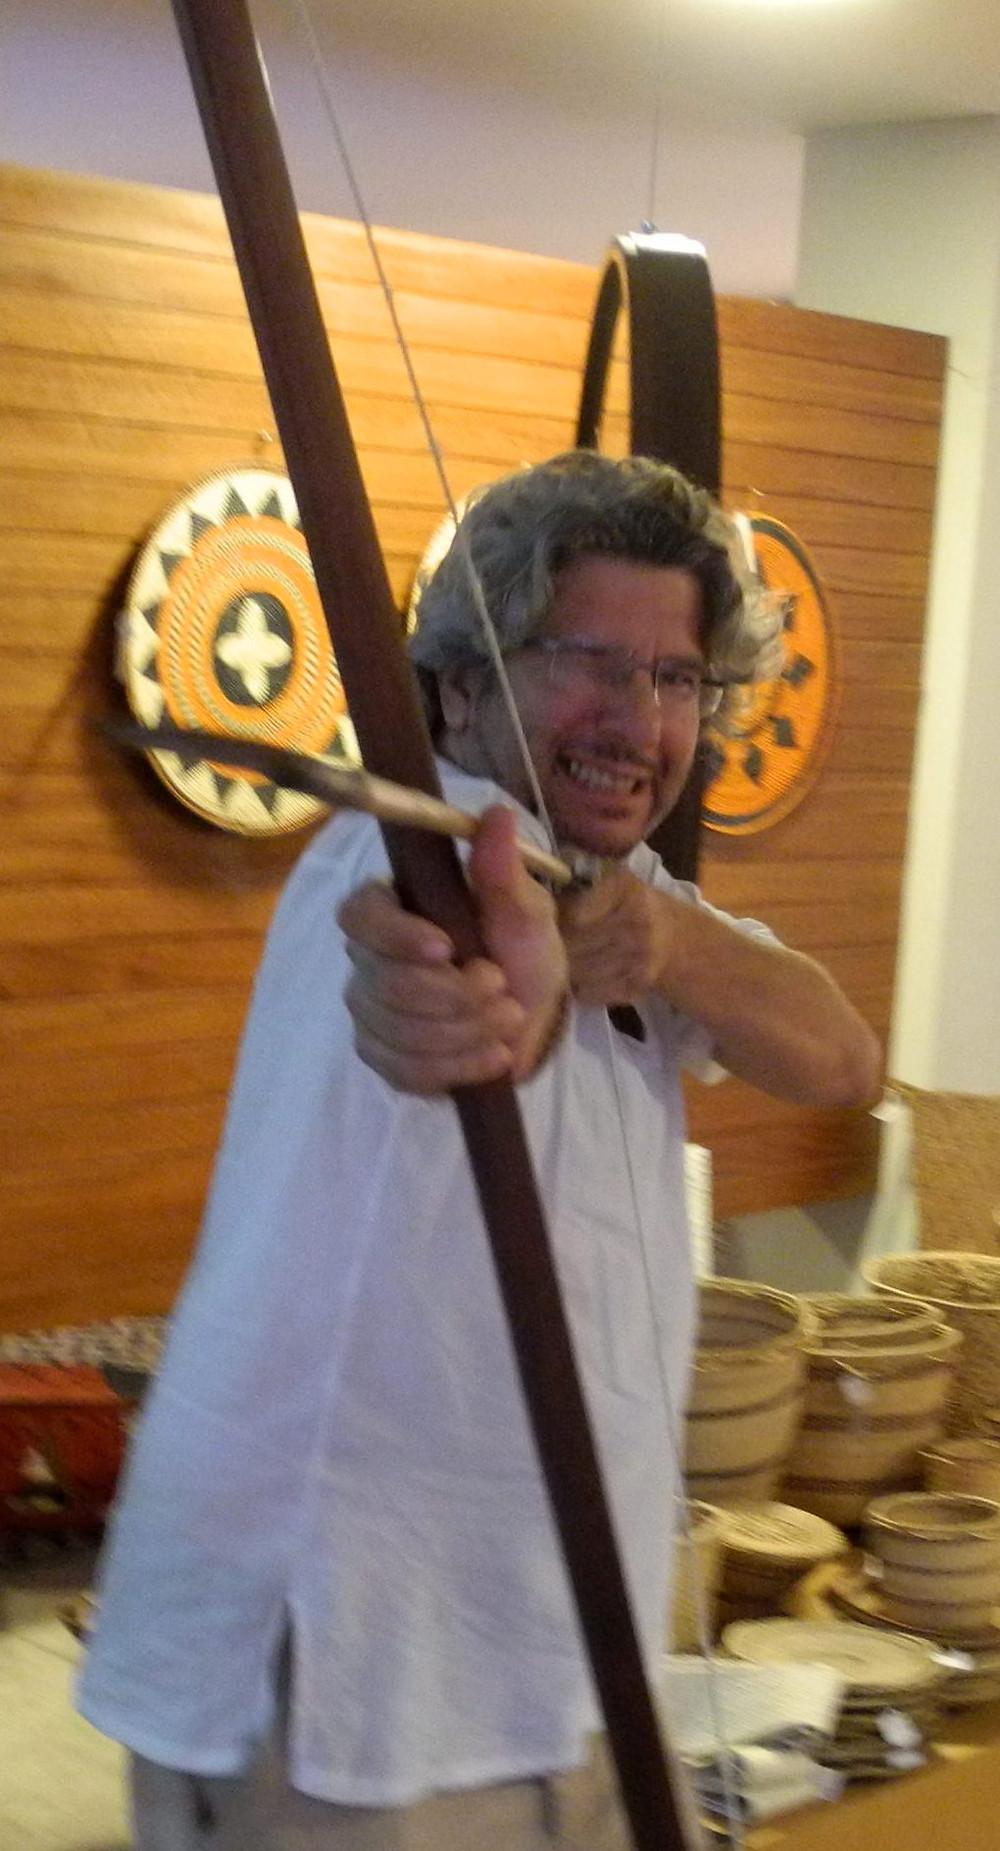 Marcello n'hésite pas à sortir un arc géant et une flèche d'une galerie d'art pour m'expliquer une technique de chasse...